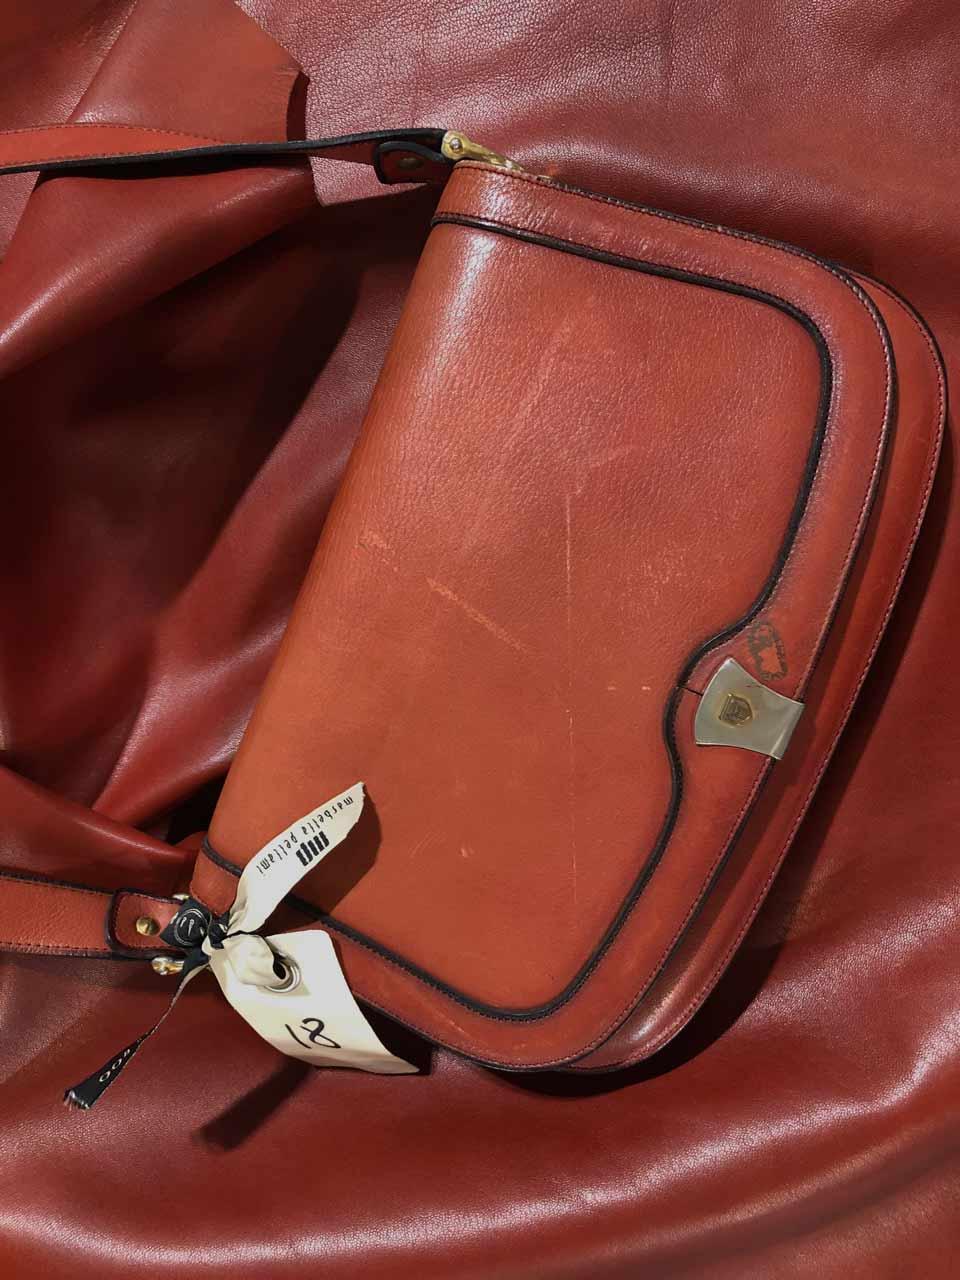 Marbella Pellami cuir vintage